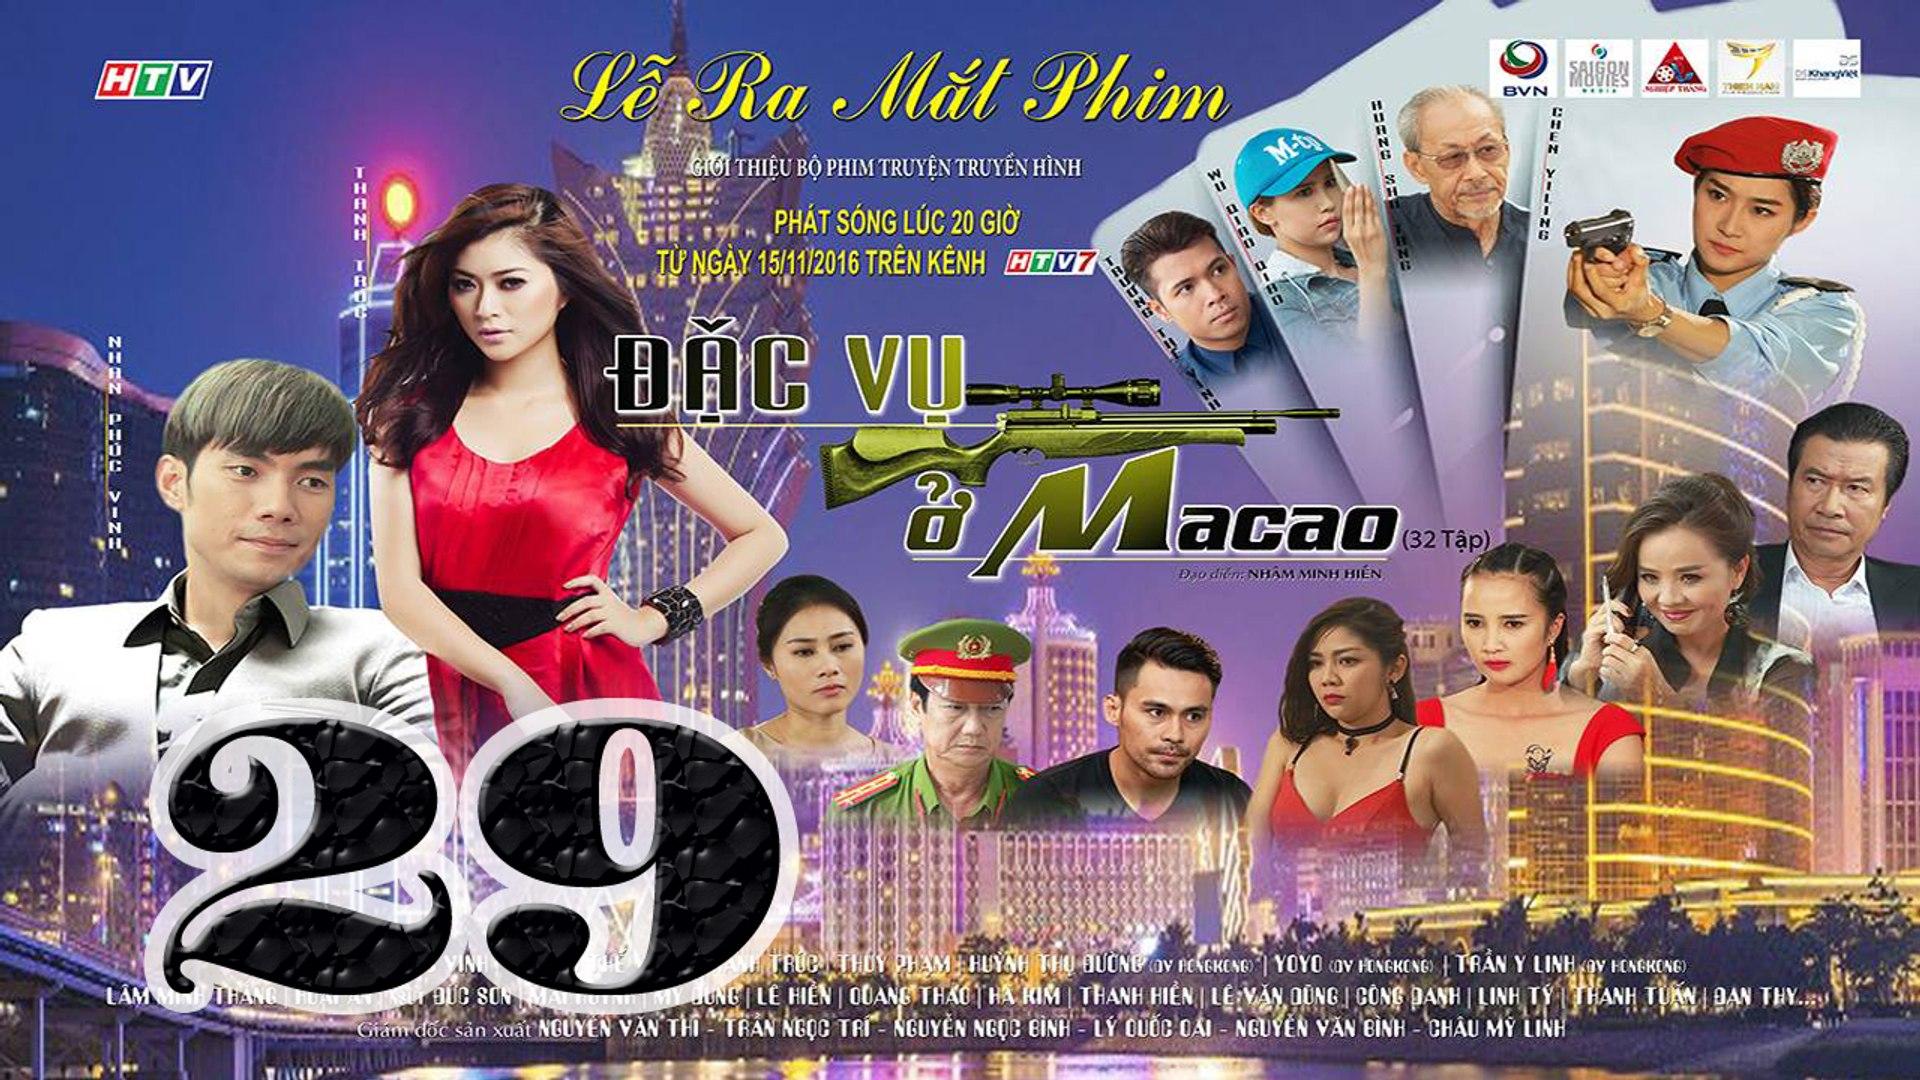 Đặc Vụ Ở Macao Tập 29 HTV7 - Phim Việt Nam